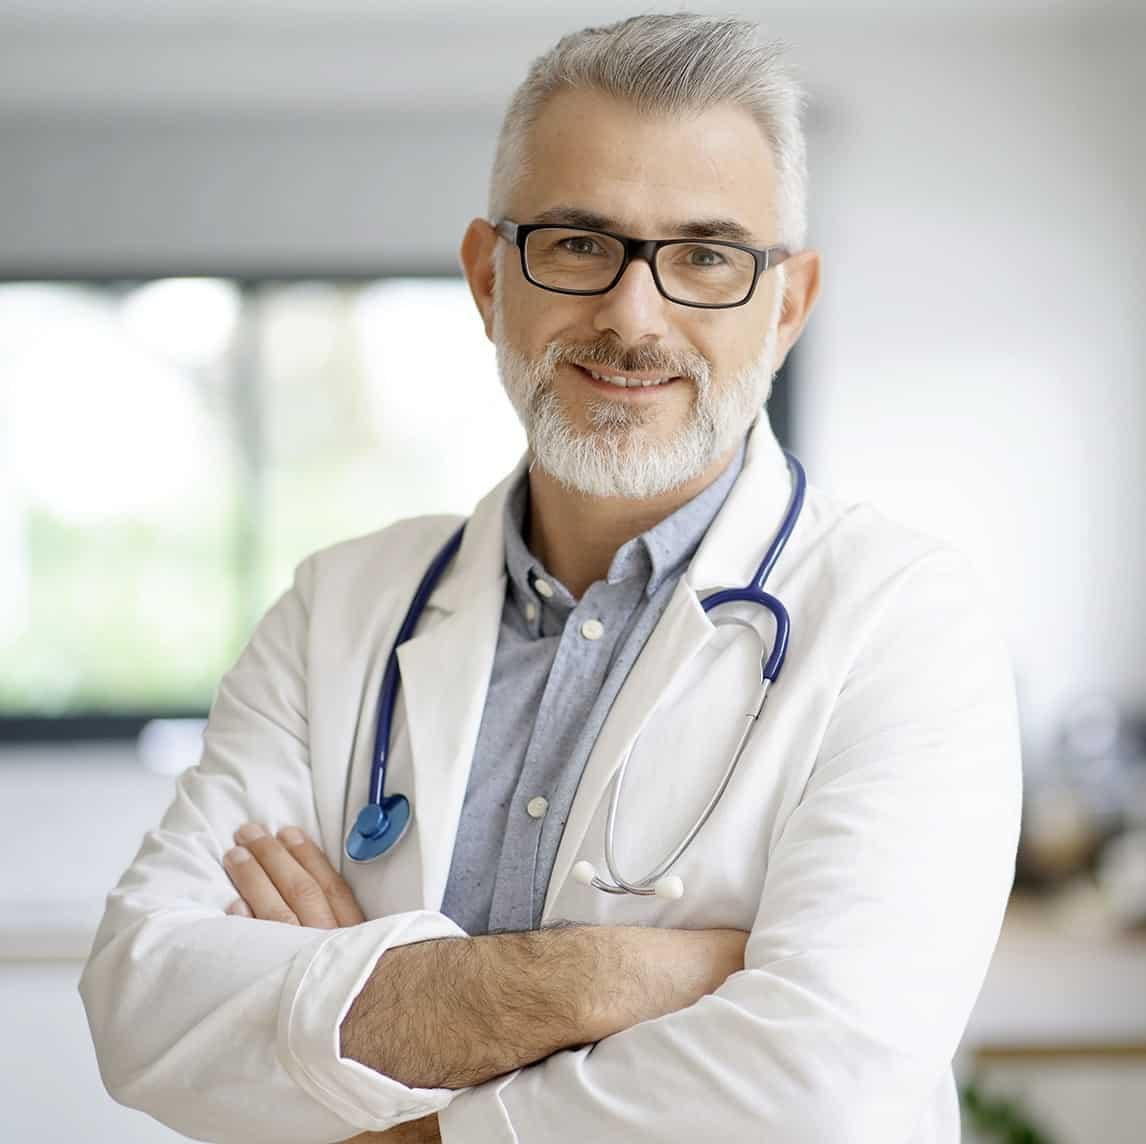 Zdjęcie lekarza w białum kitlu i ze stetoskopem.